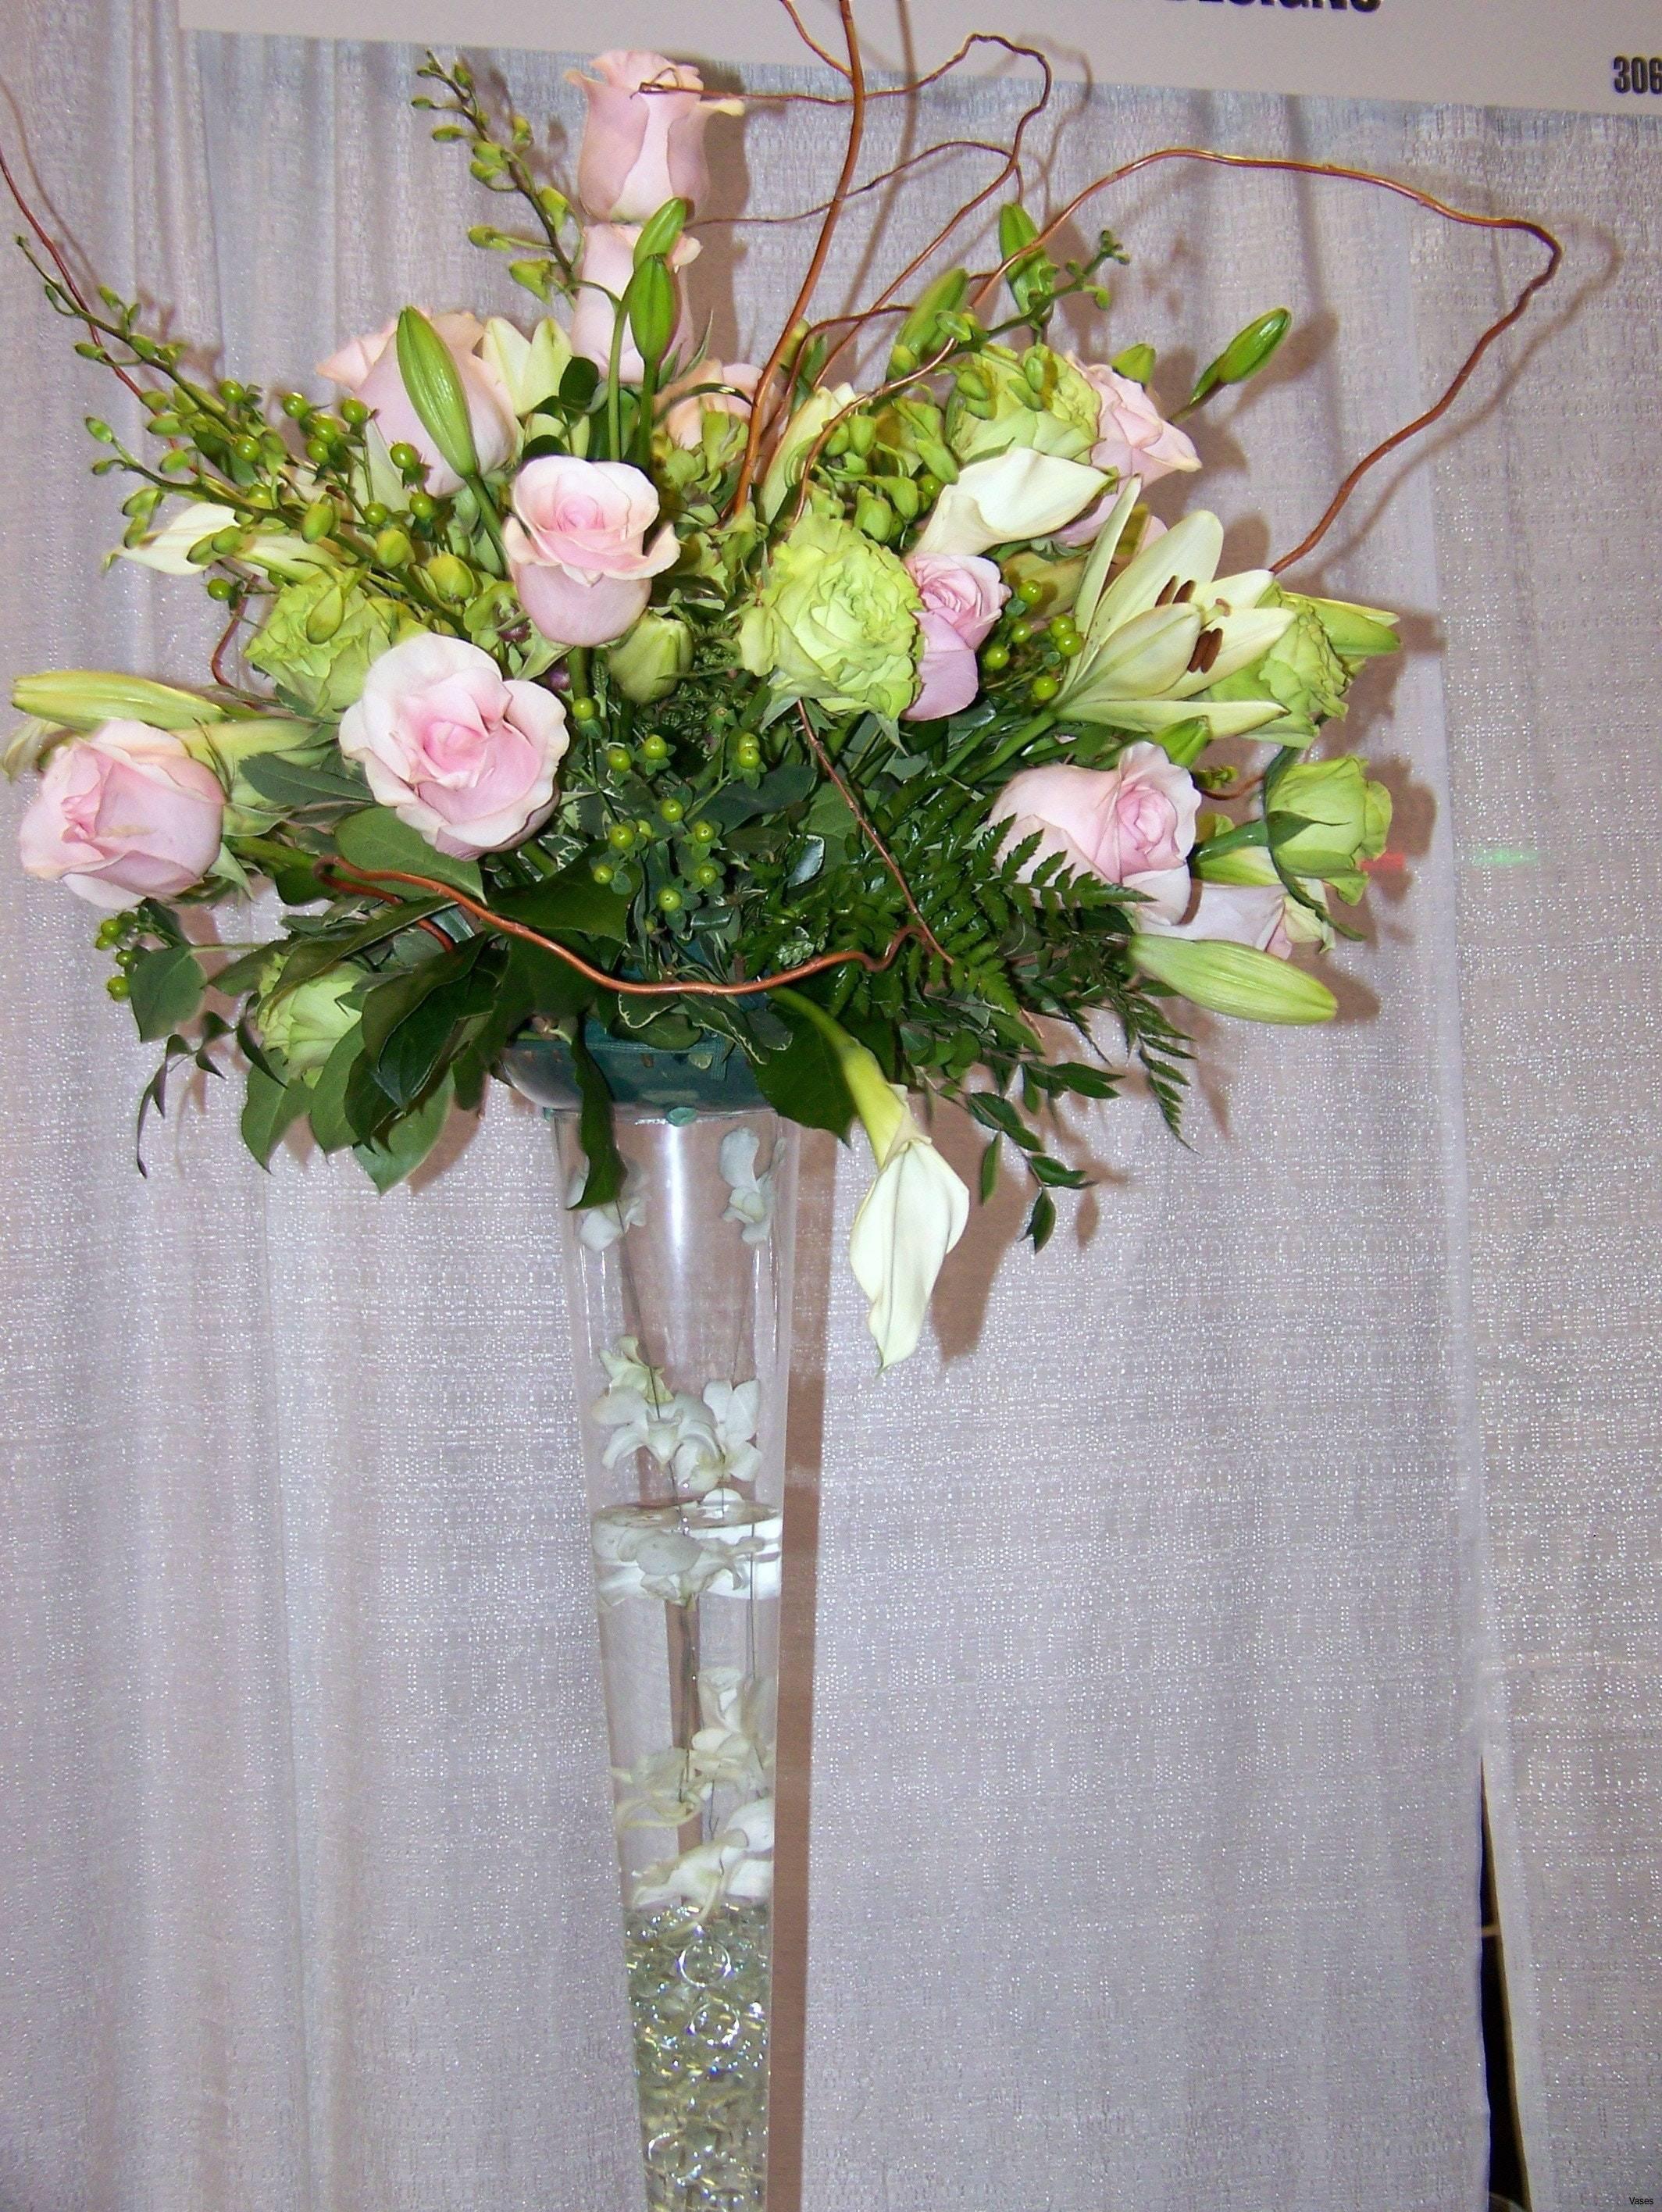 magnolia flower new h vases ideas for floral arrangements in i 0d design ideas design of magnolia flower